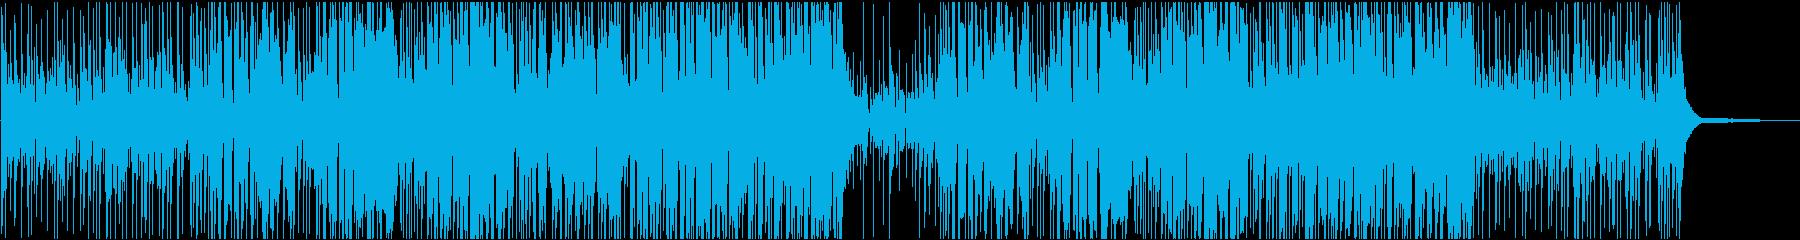 ジャズBGM 映像系に合うジャズファンクの再生済みの波形